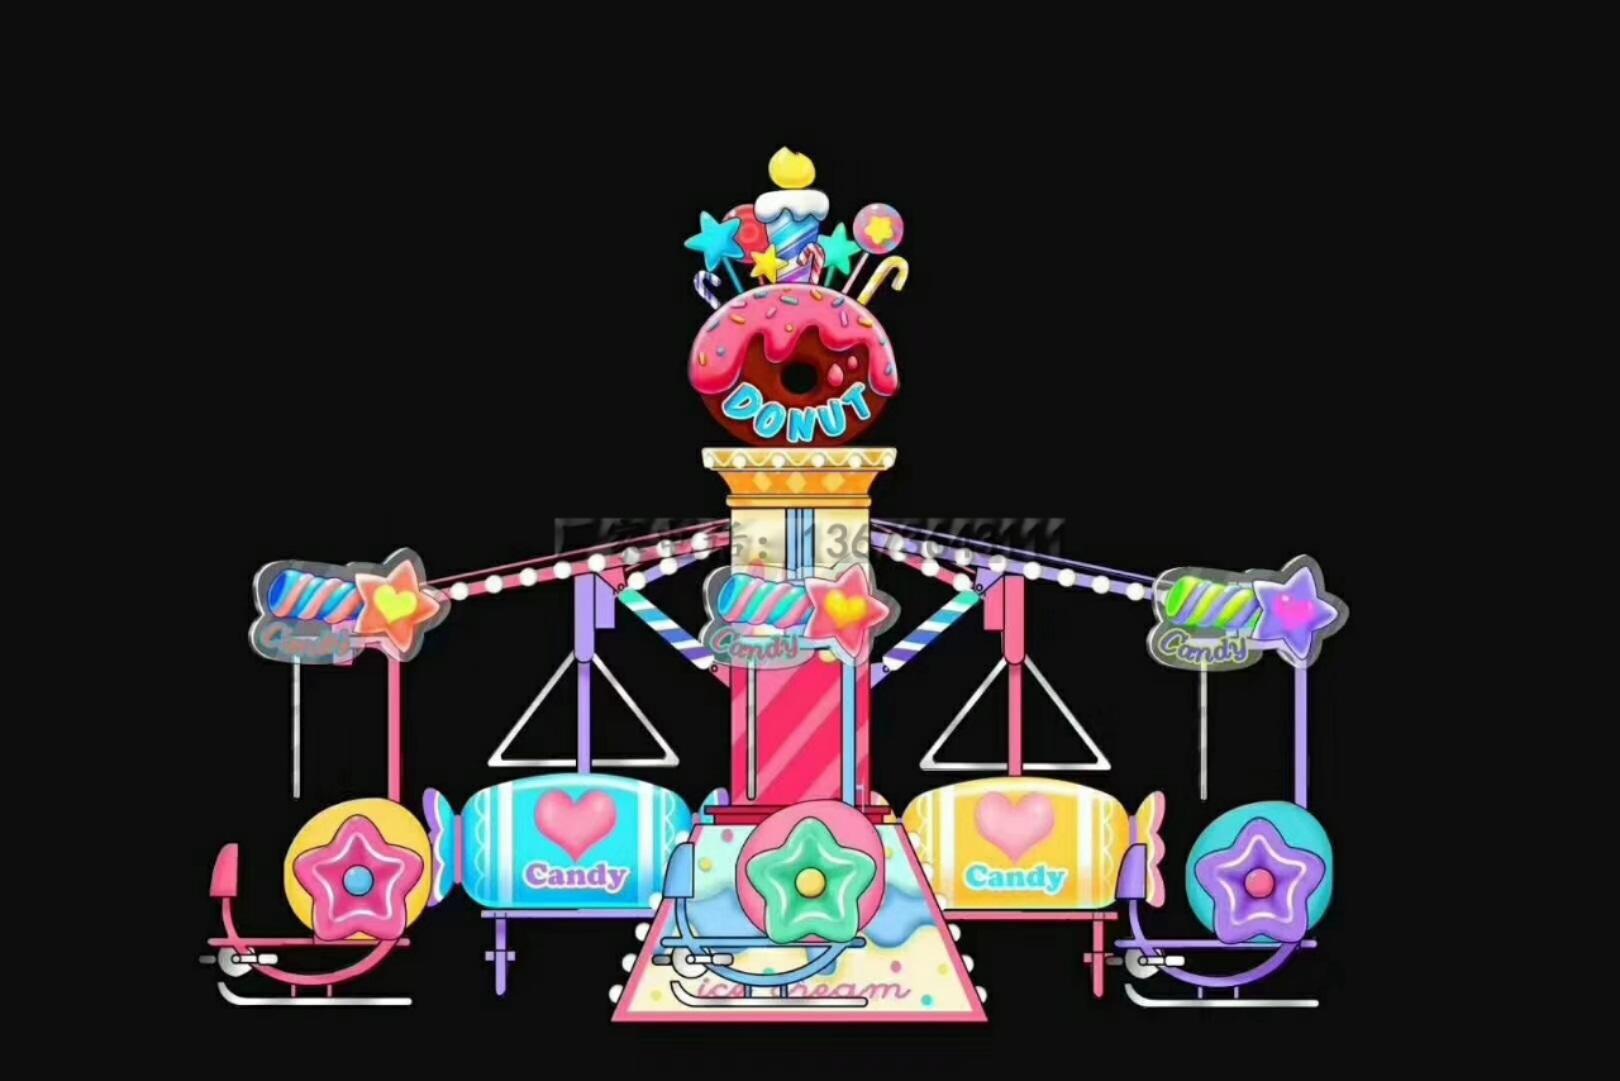 郑州大洋儿童游艺设备专业定制极速漂移碰碰车 广场 室内 户外儿童漂移车游乐设备示例图29